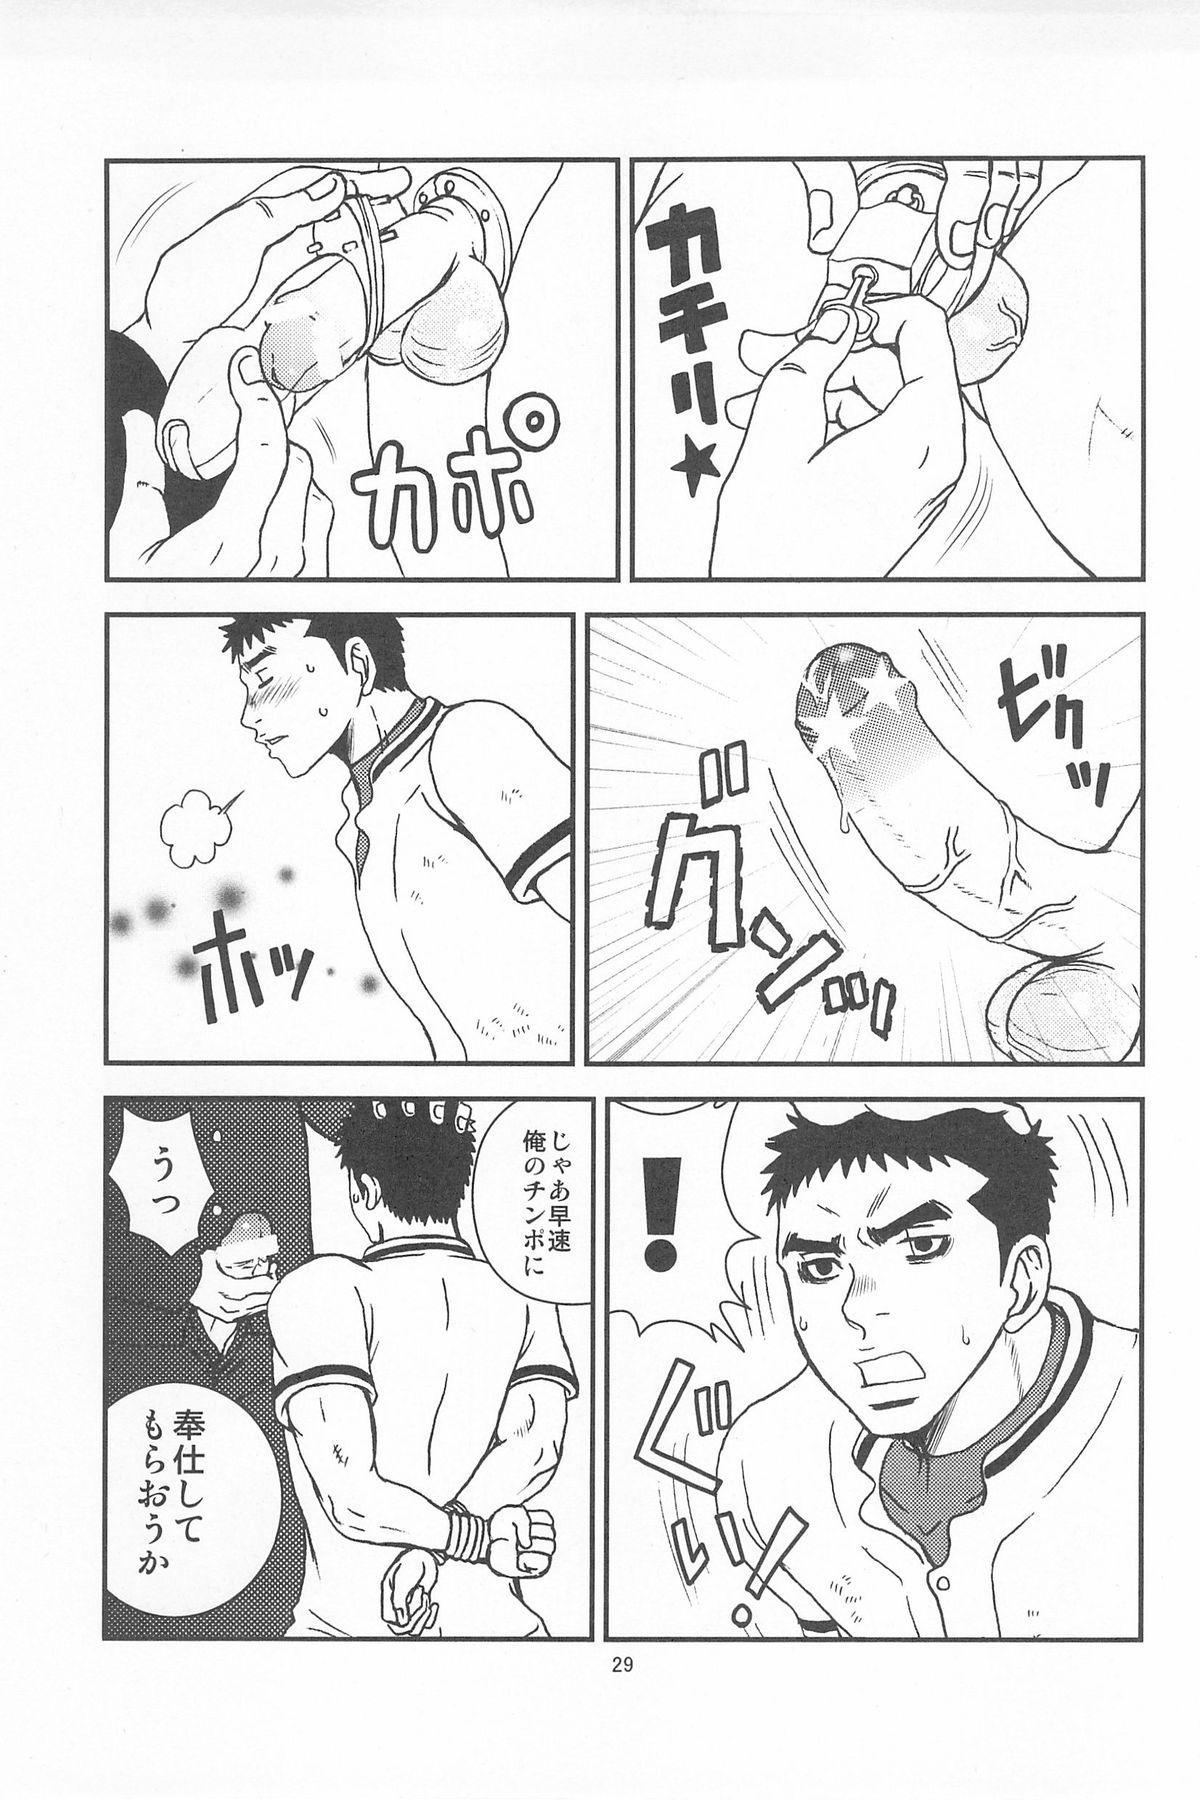 部外秘日誌2 26